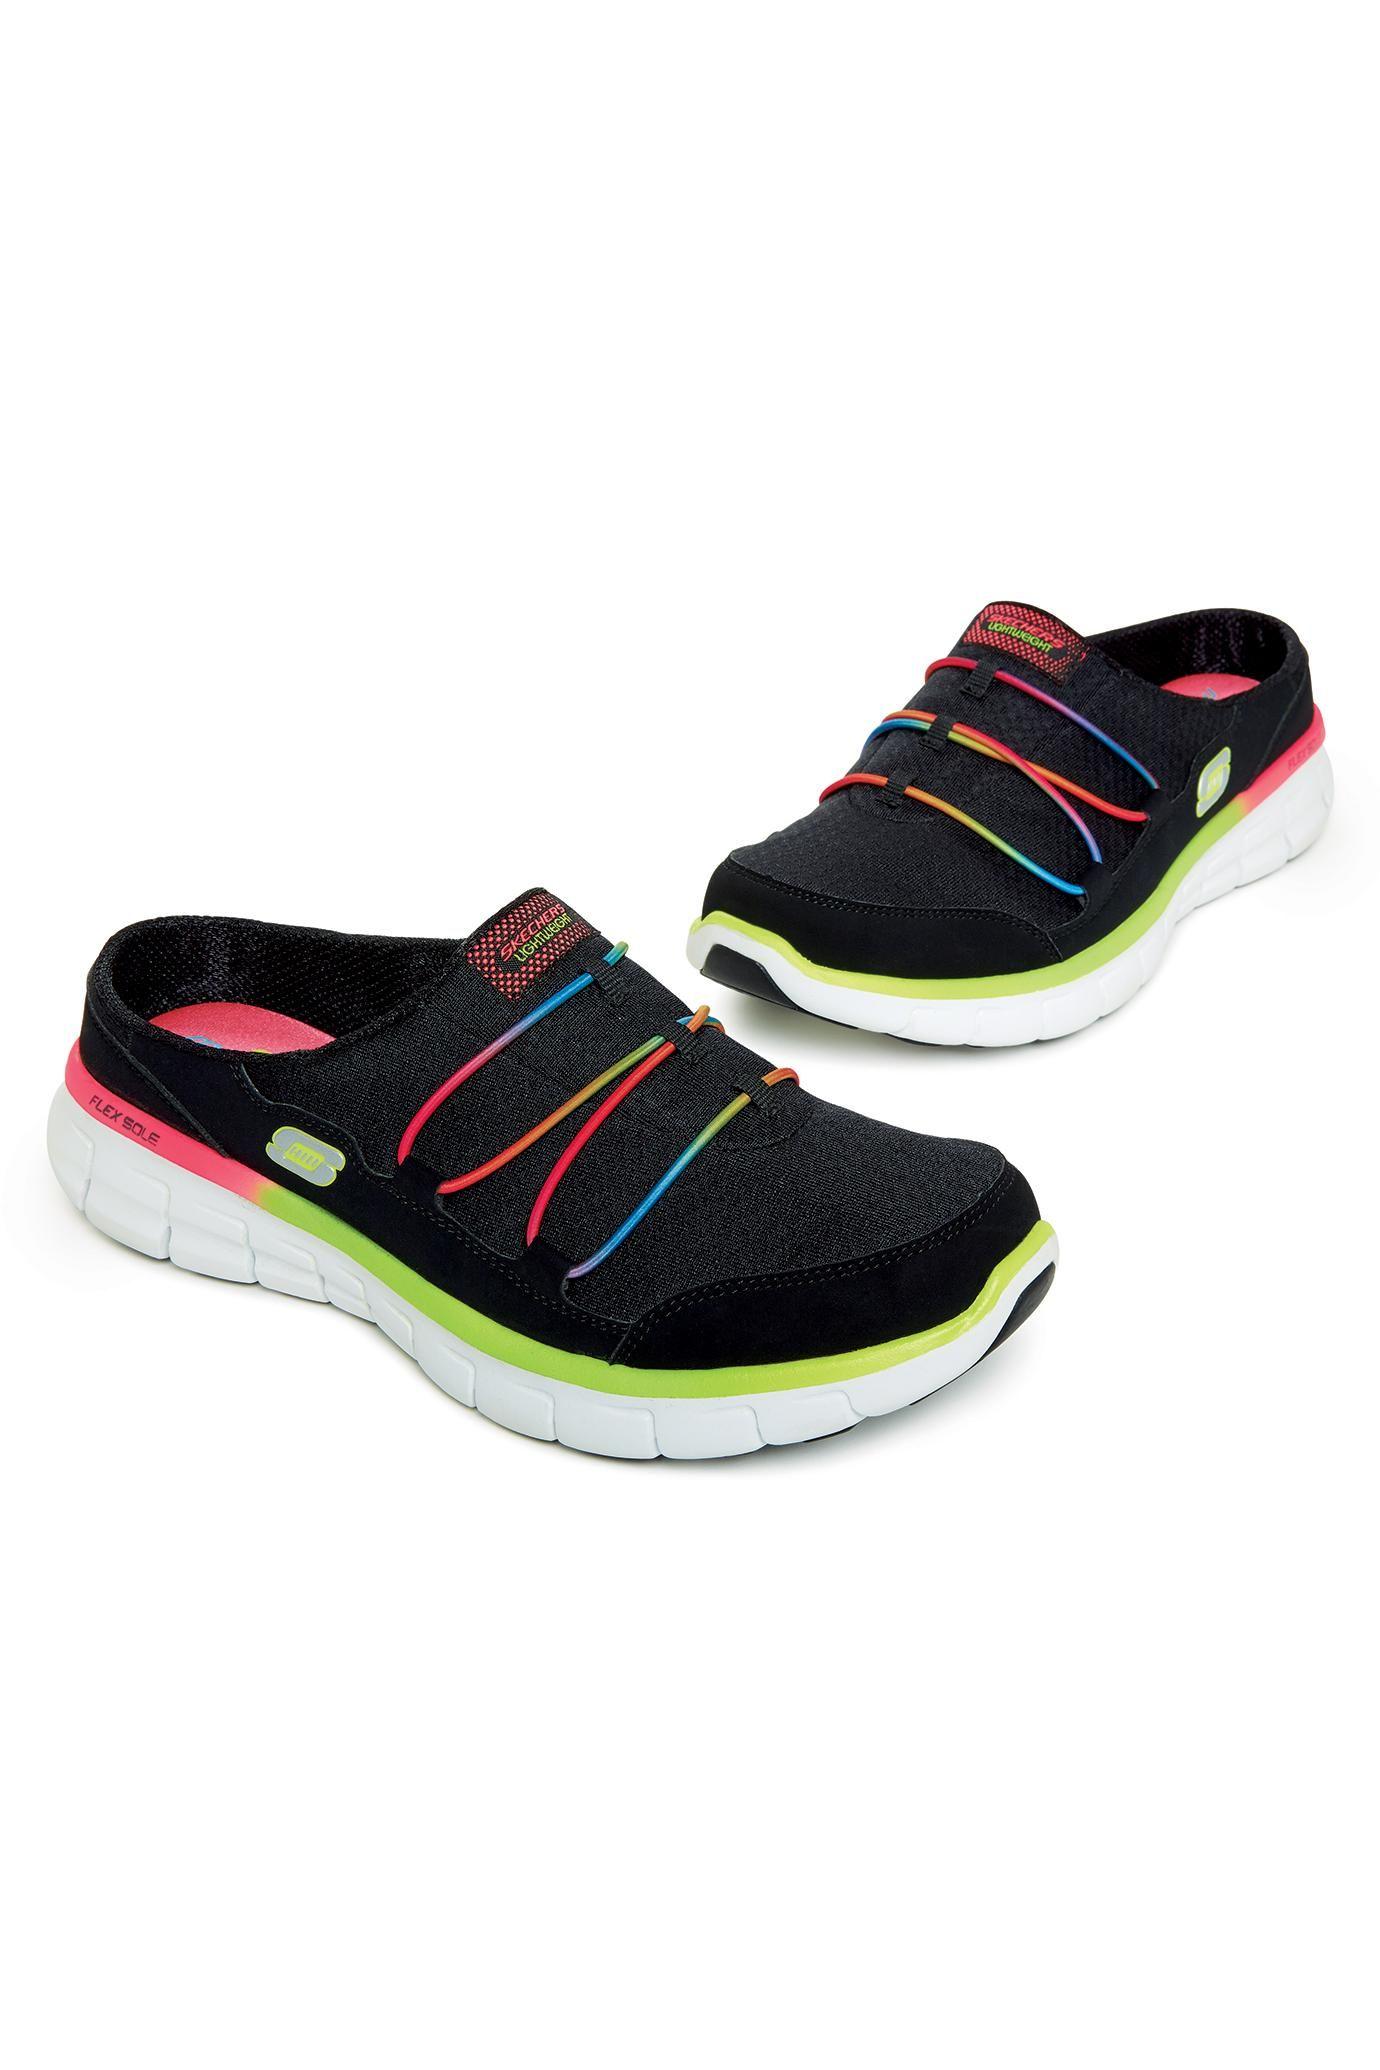 Walking Sneakers With Memory Foam By Skechers | metrostyle